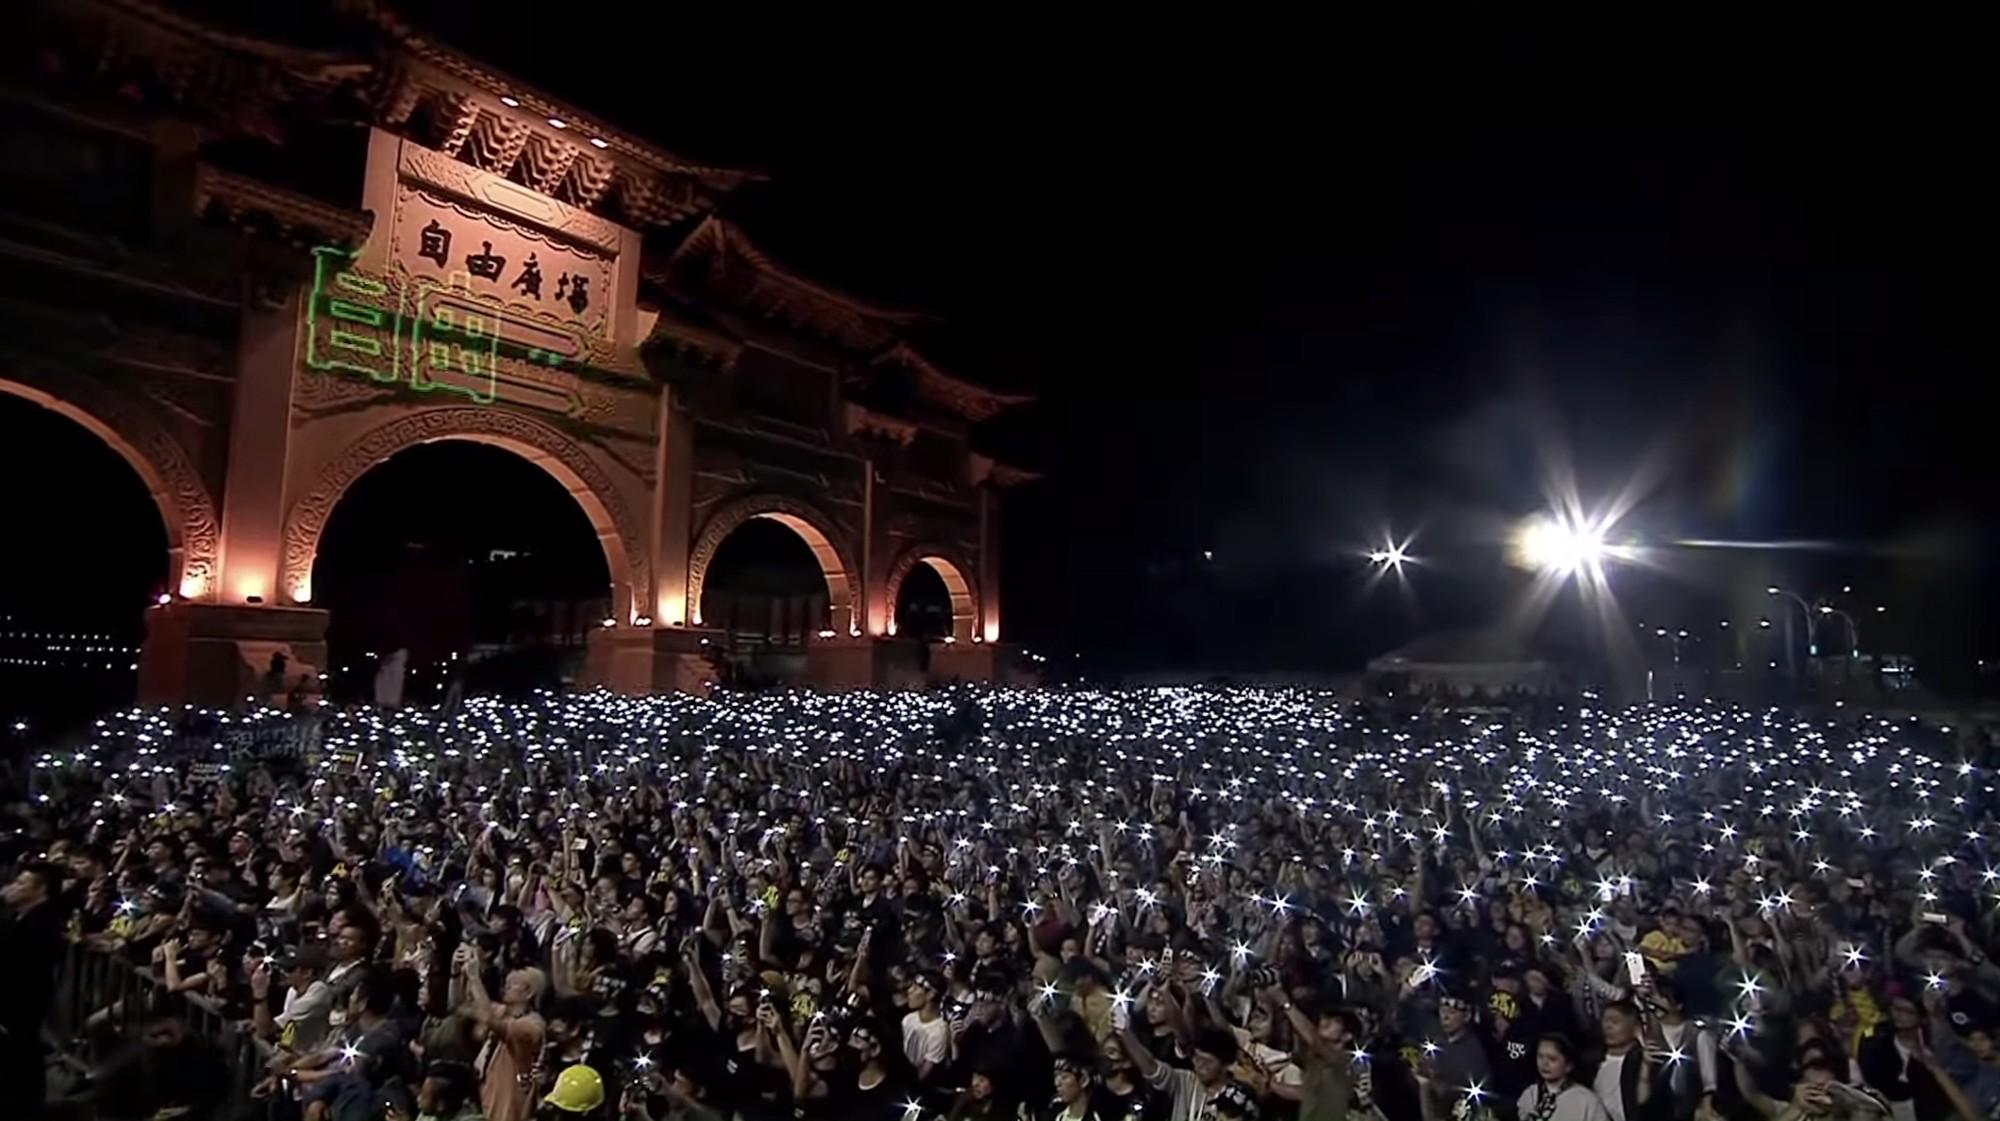 17日,台灣舉辦「撐香港要自由」演唱會,吸引超過2萬名民眾參與。(大紀元影片截圖)